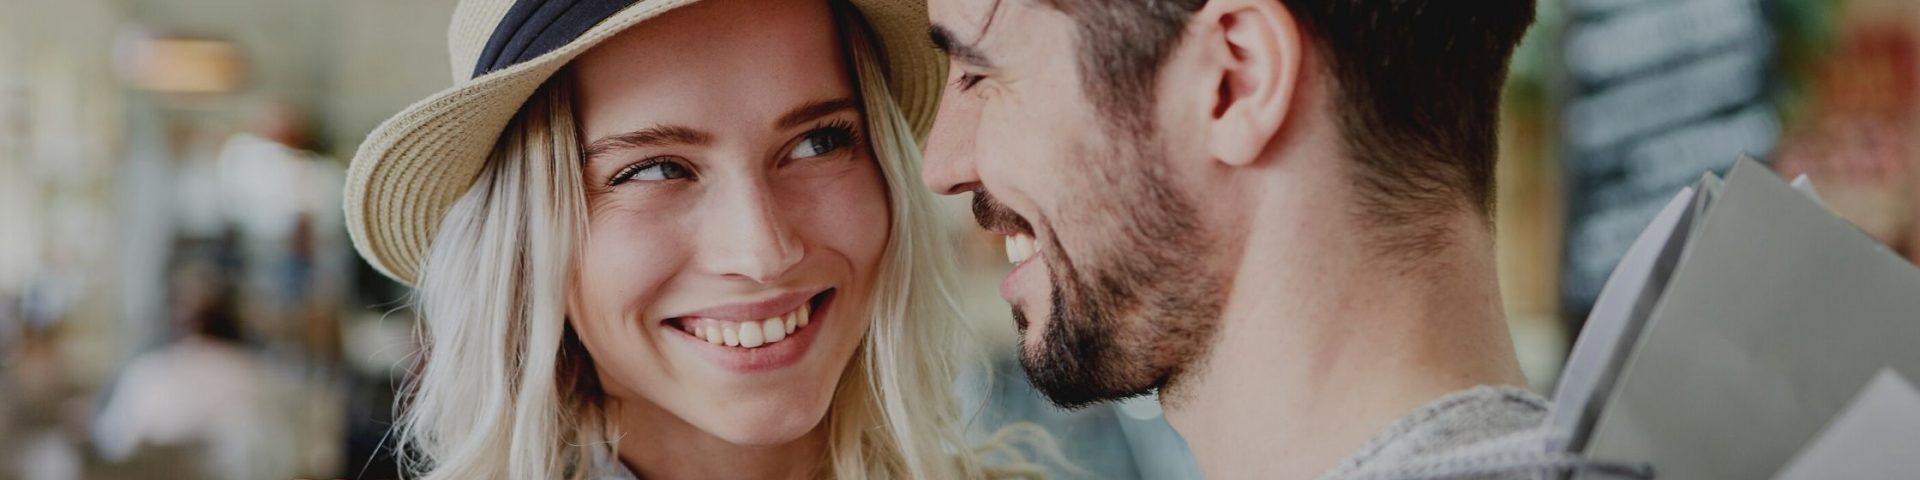 Flirttechniken für frauen flirten